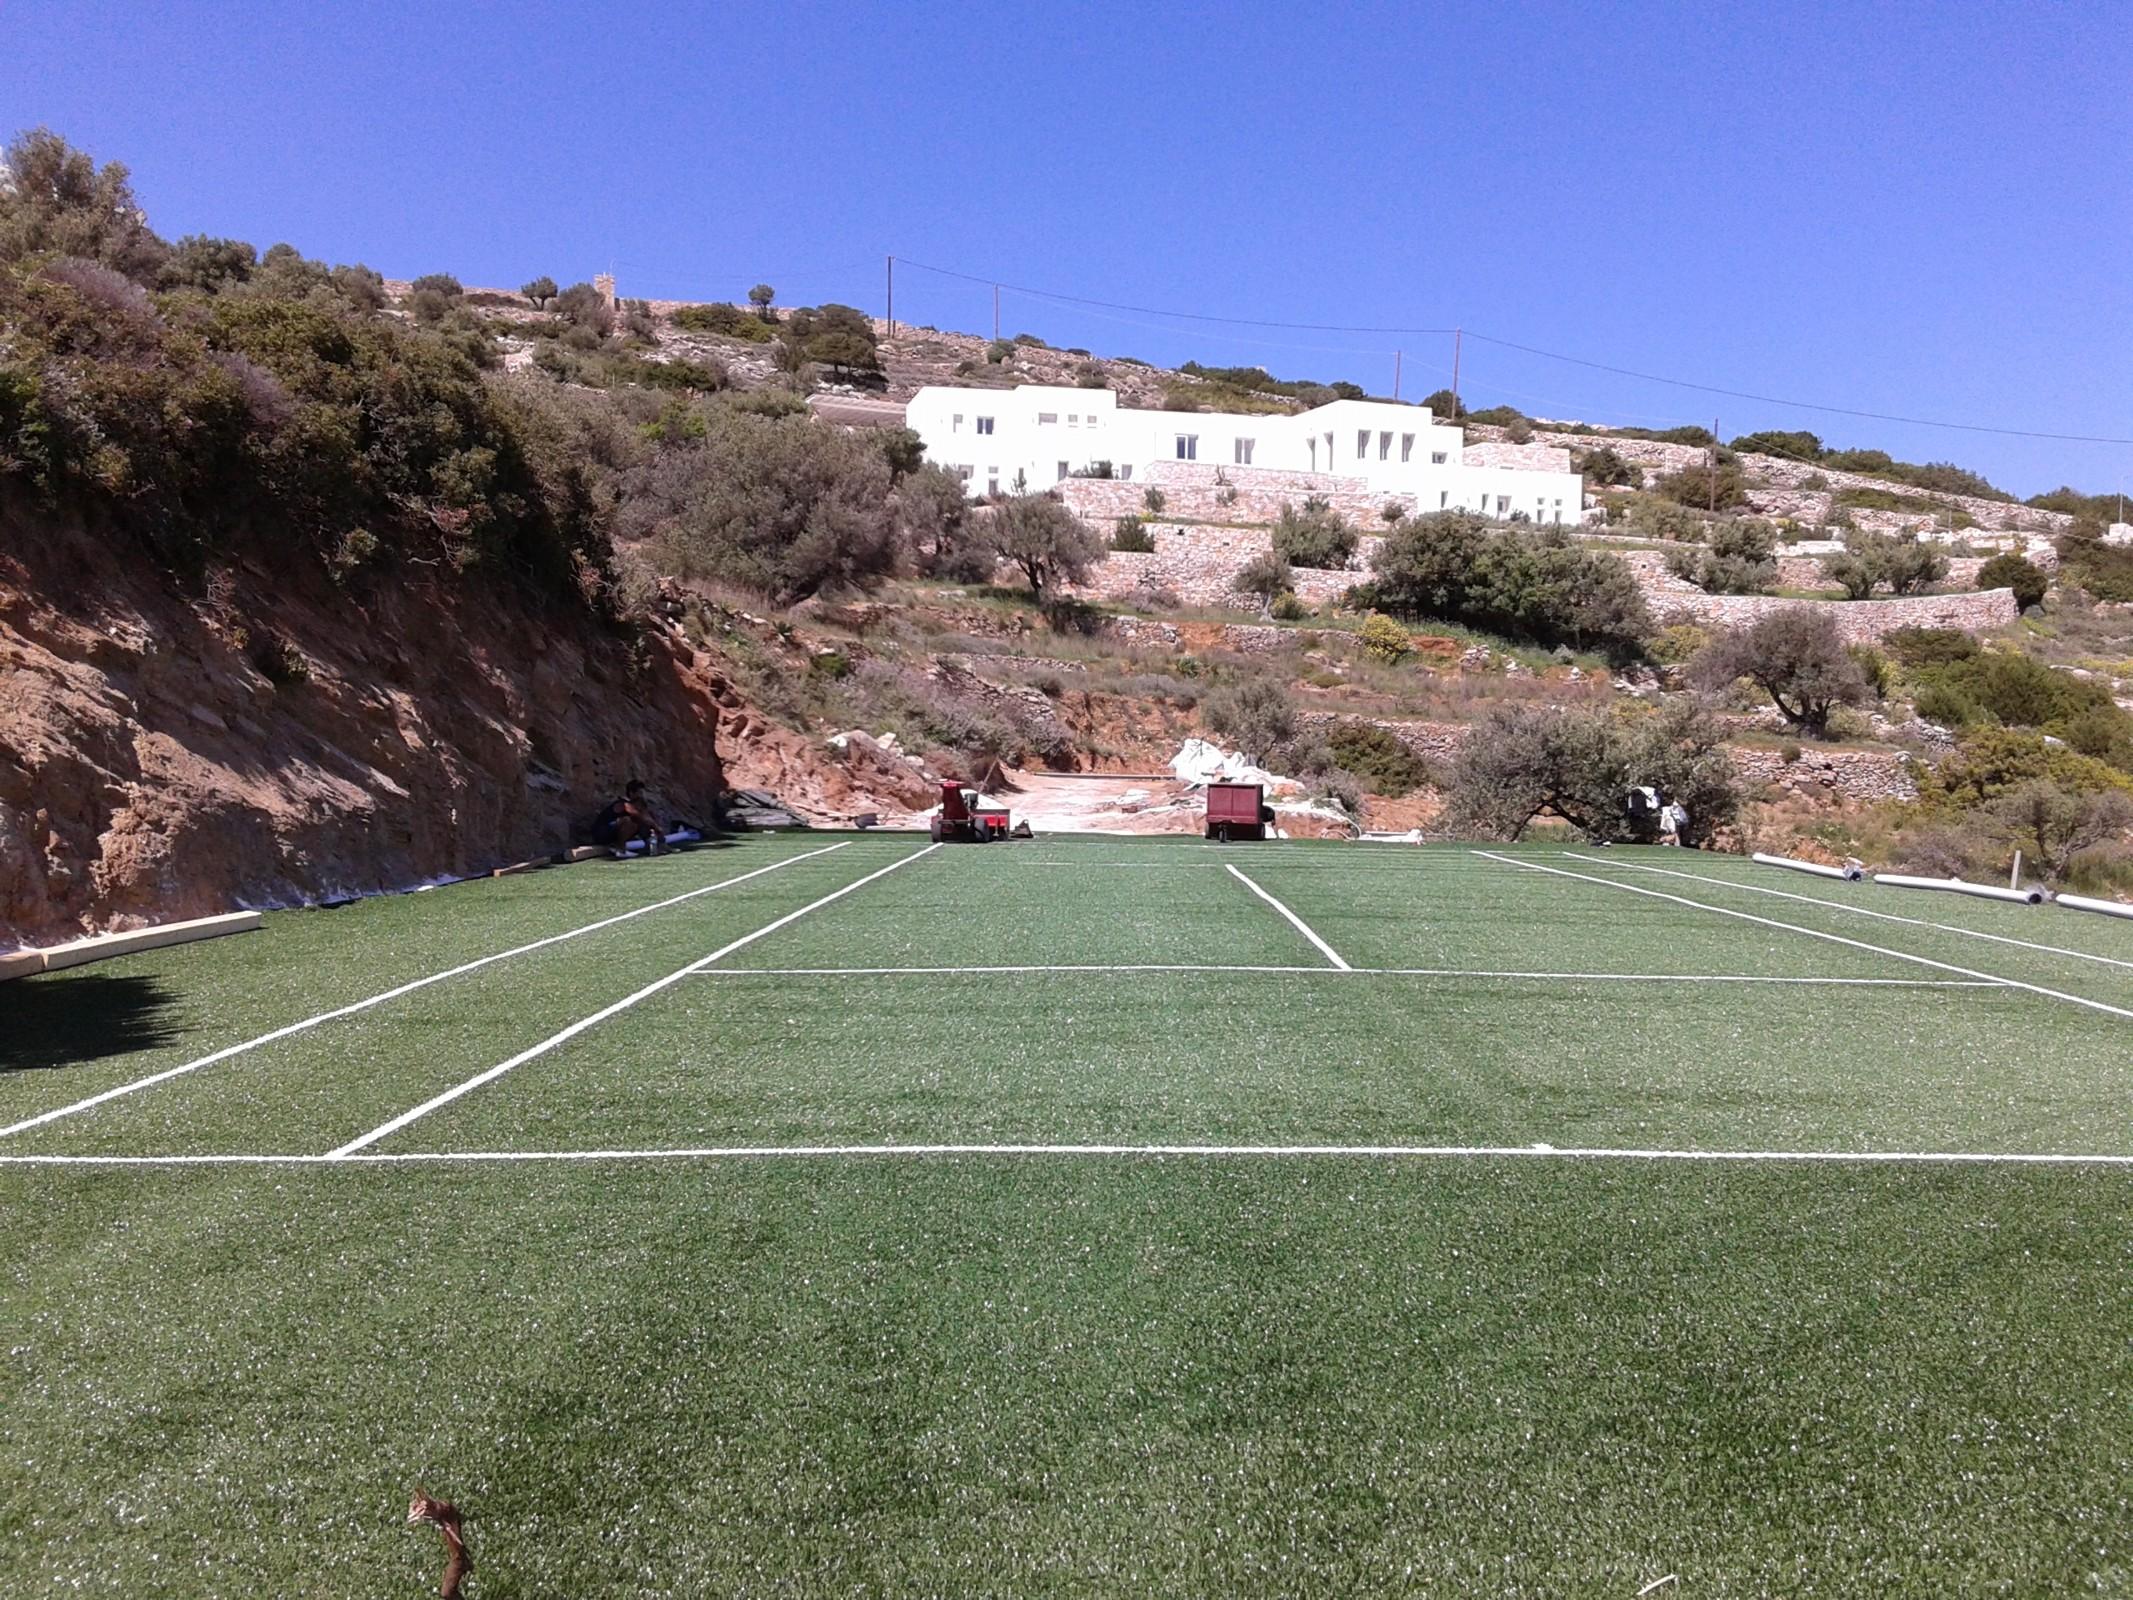 Συνθετικός χλοοτάπητας τέννις